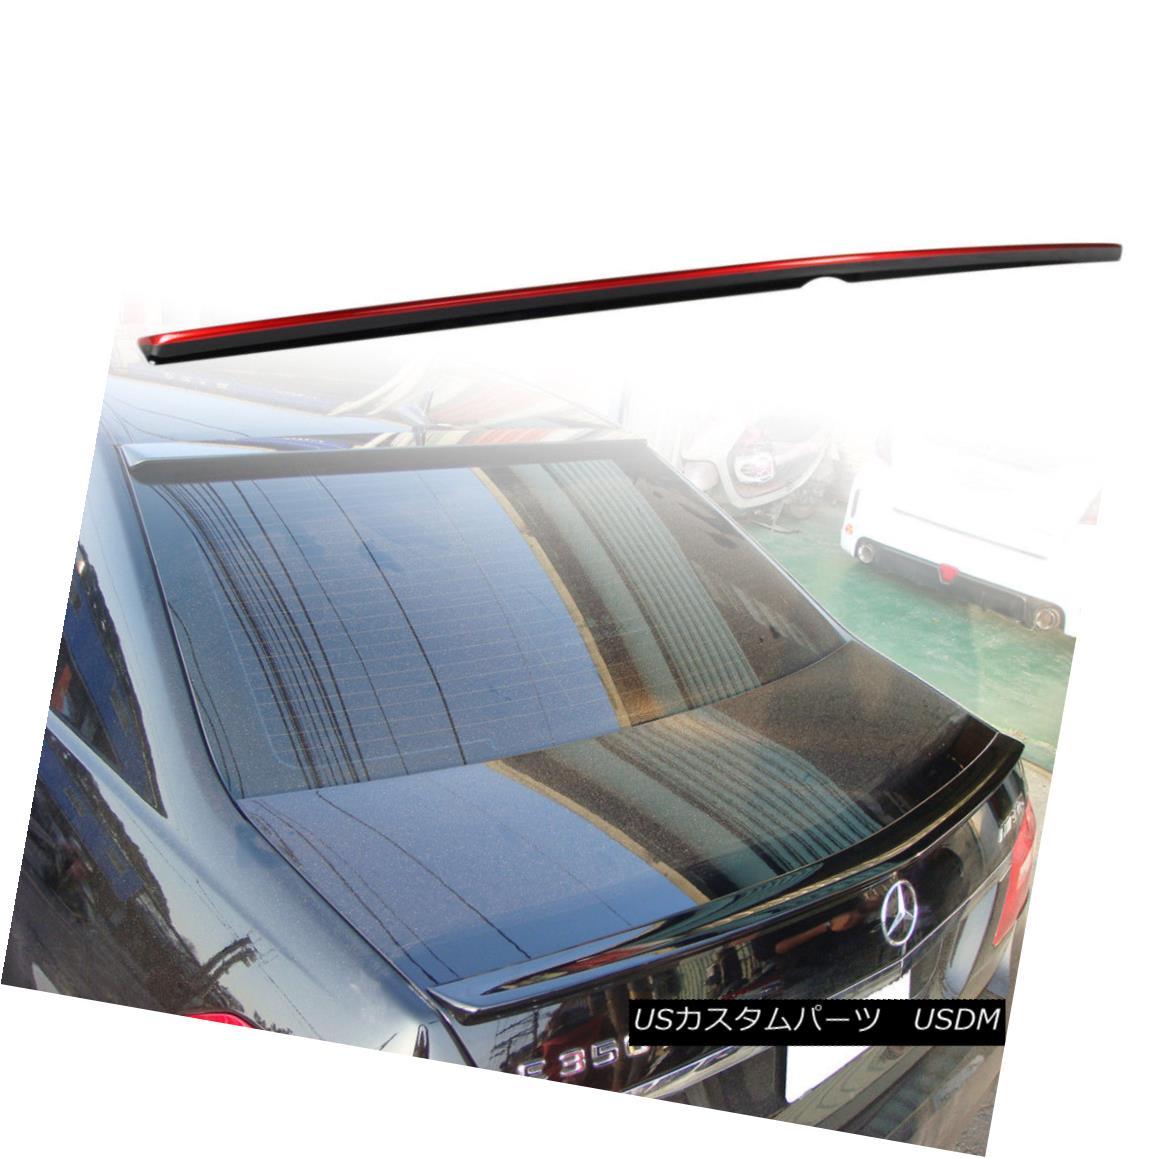 エアロパーツ 10-16 Painted For Mercedes BENZ W212 Sedan Trunk Spoiler Wing Black + Red Line ベンツW212セダントランク・スポイラー・ウィング・ブラック+レッド・ライン